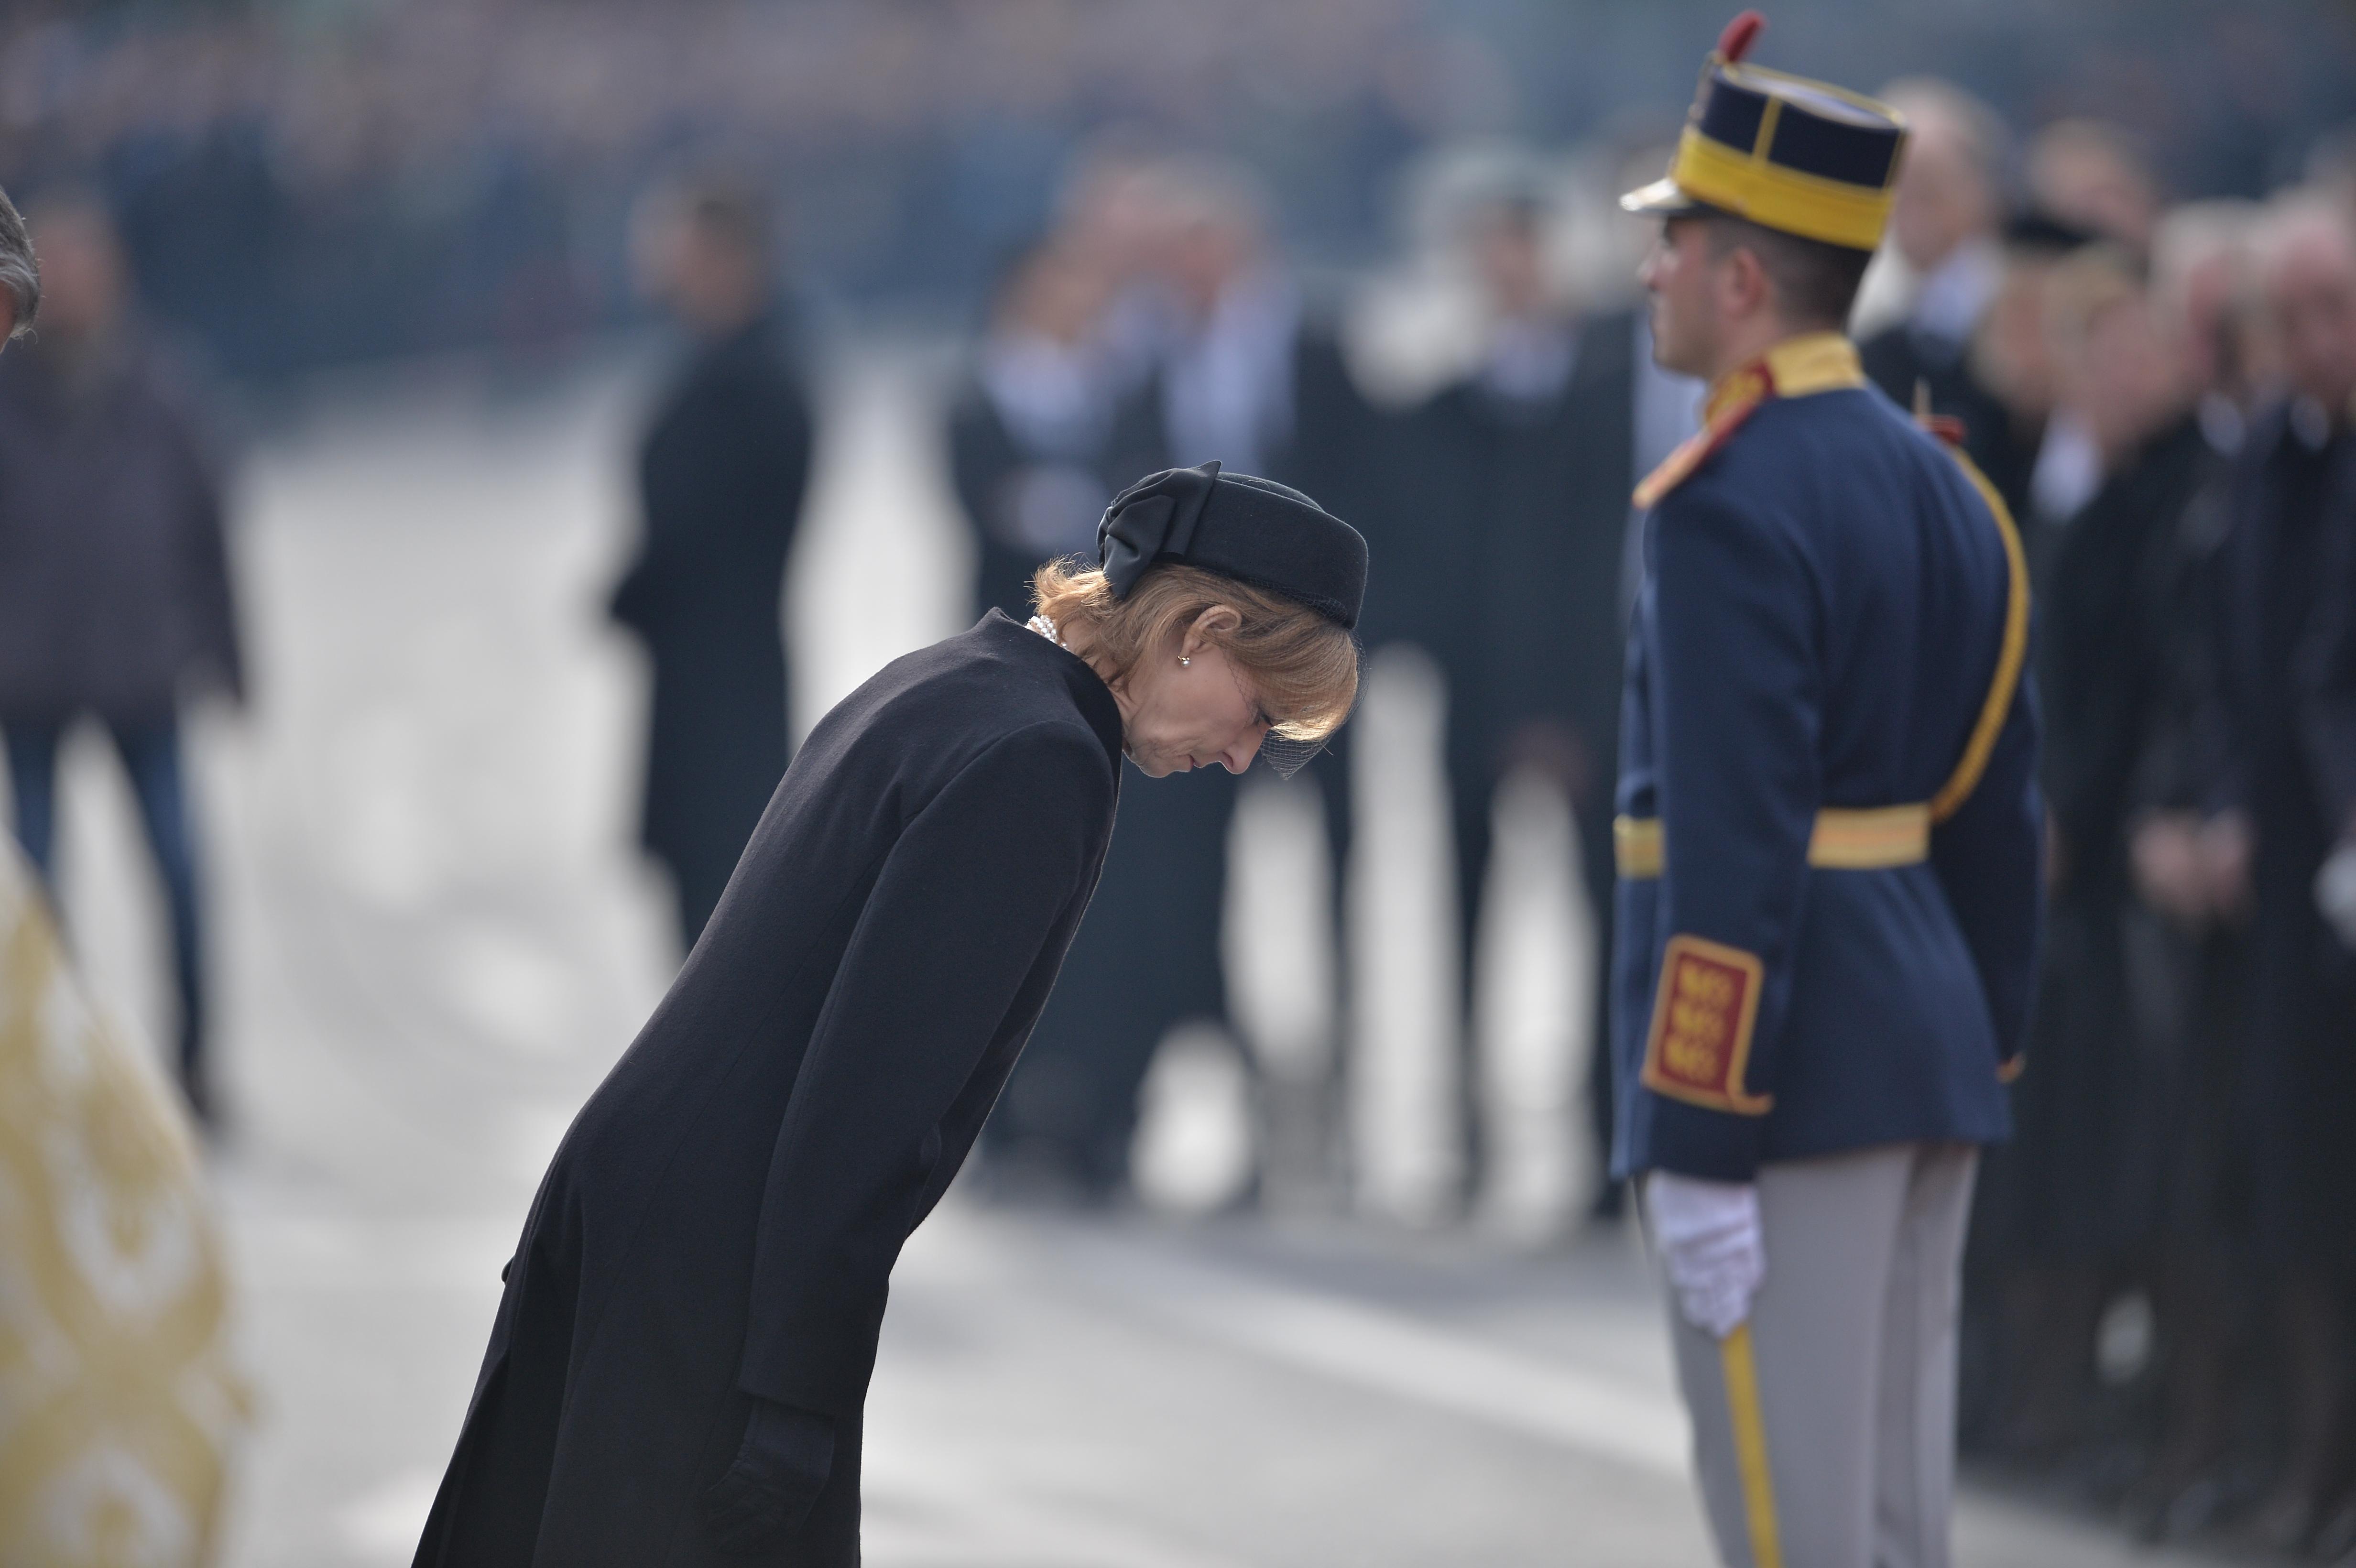 Director Casa Regală: Vom face album cu cele mai impresionante 96 de poze de la funeraliile Regelui